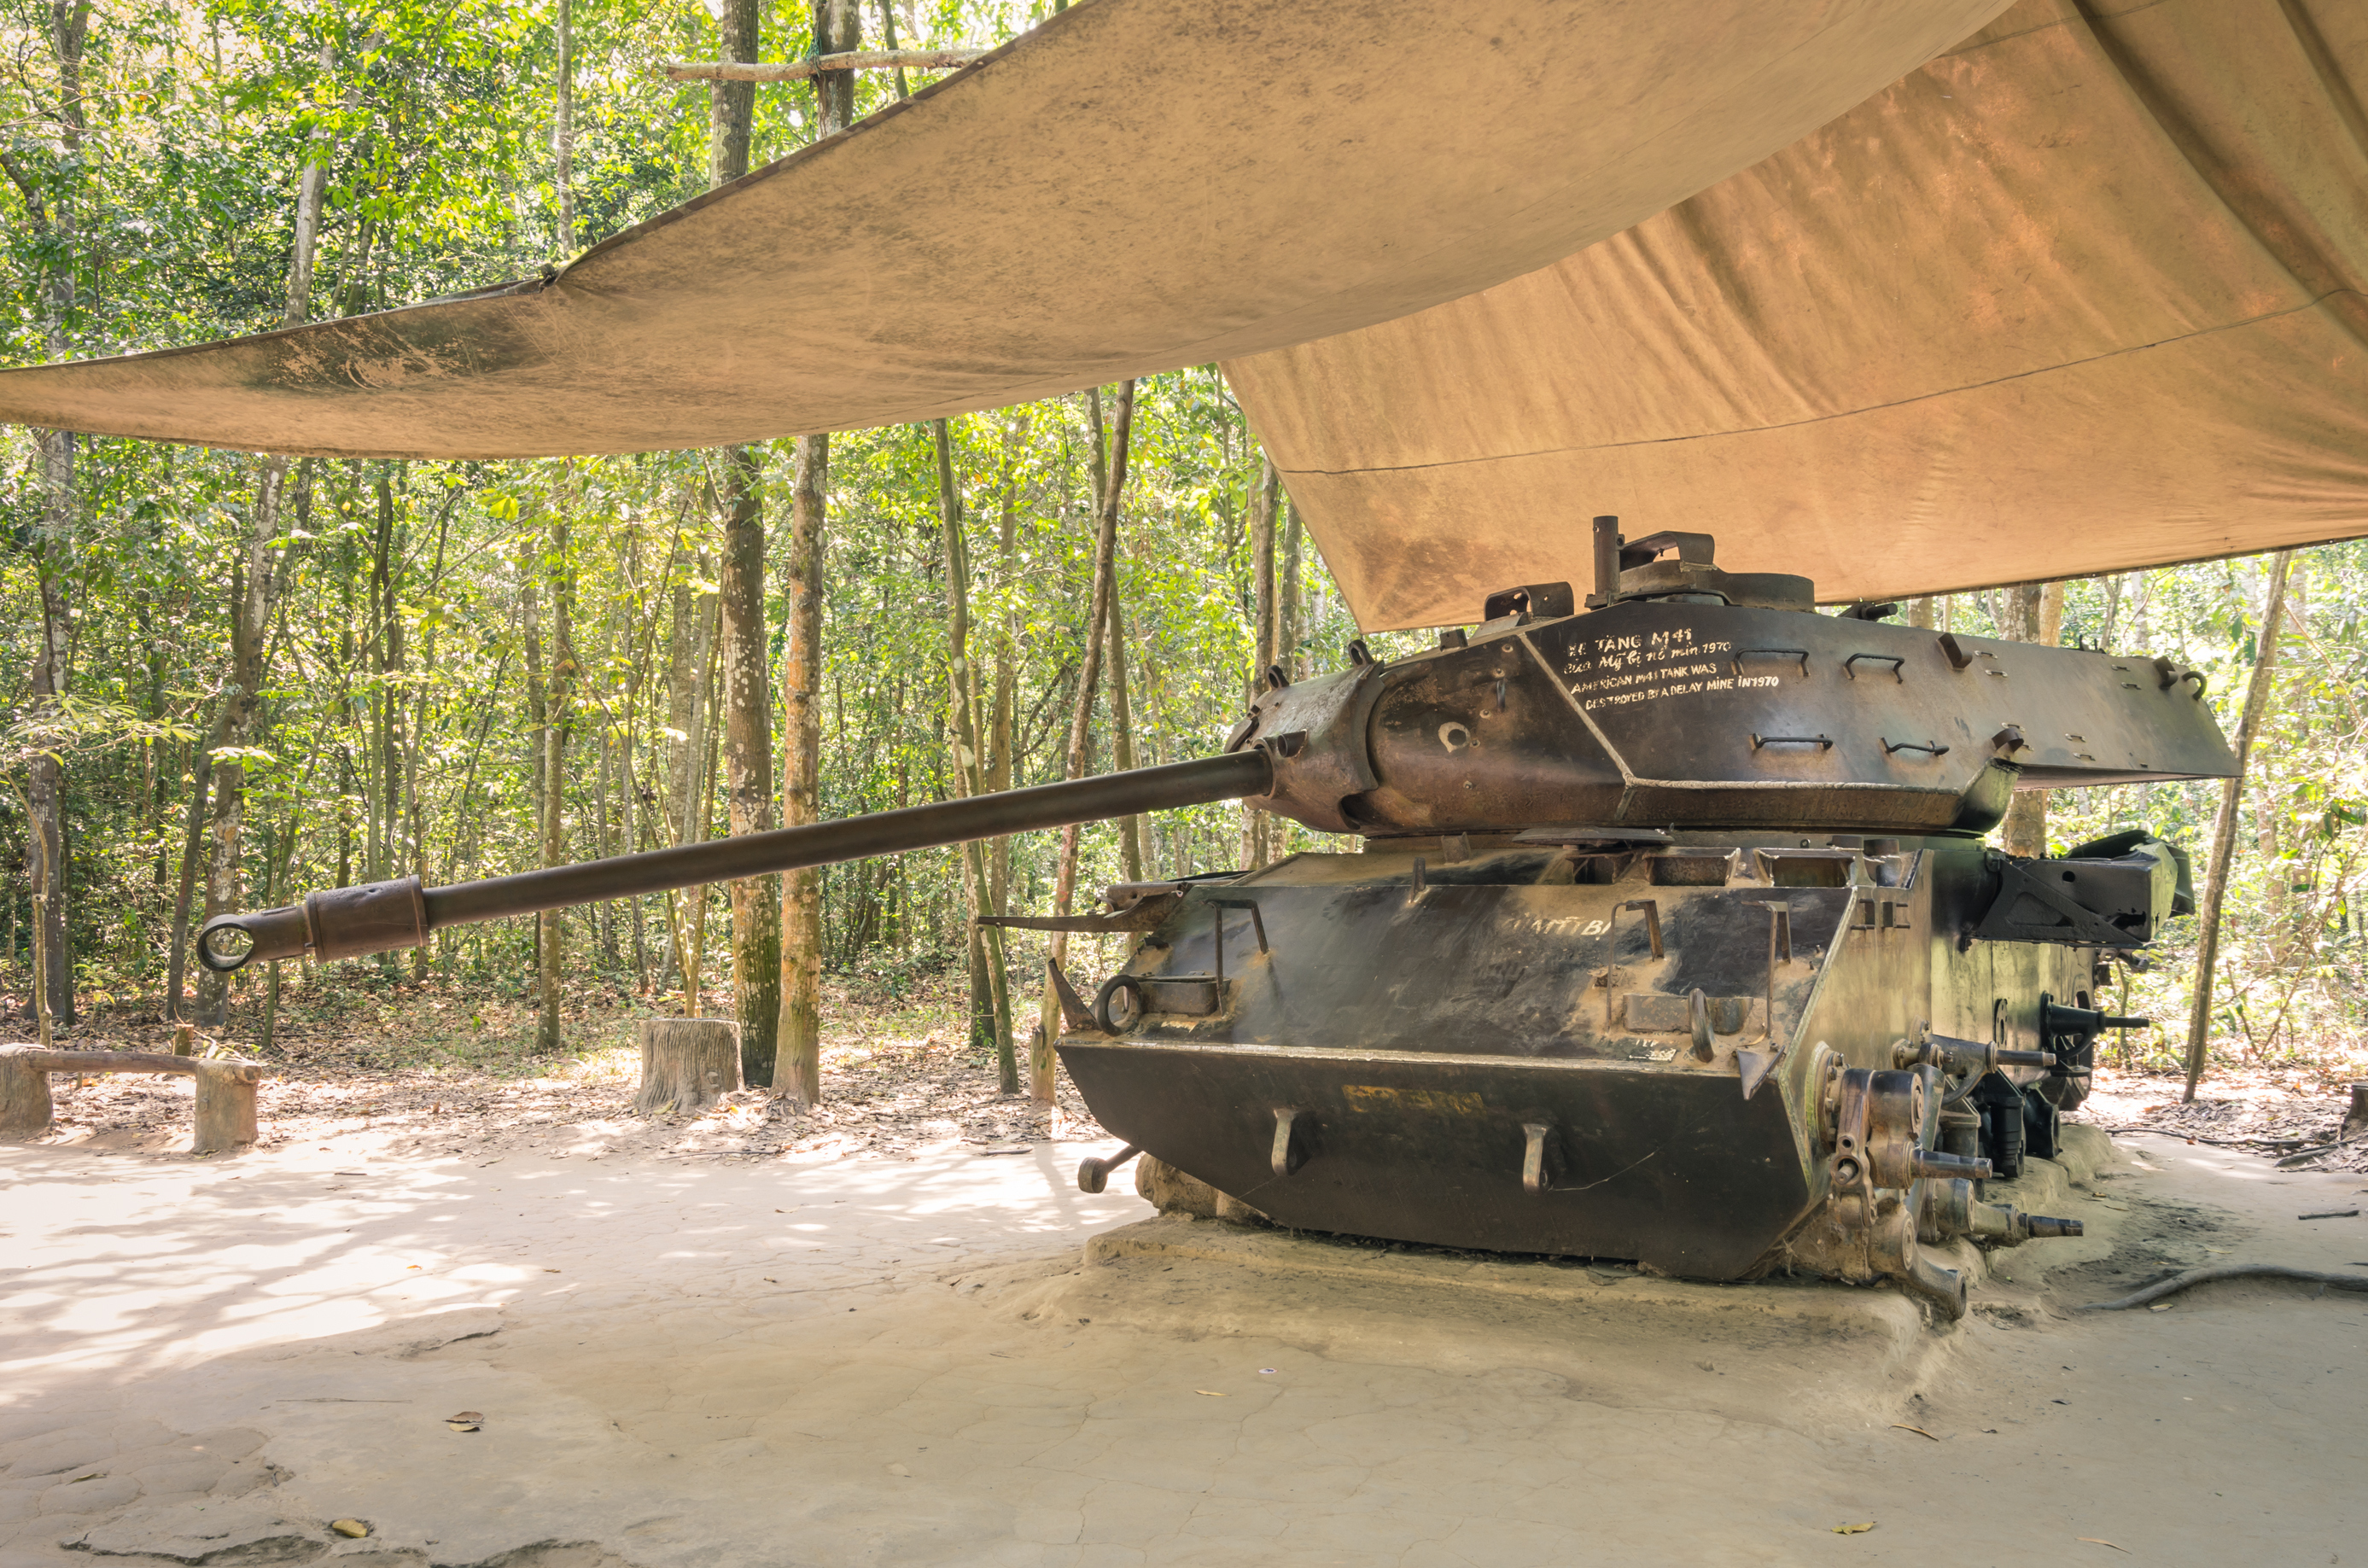 Experiencia de Guerra en los túneles de Cu Chi - Vietnam Gran Viaje Vietnam Esencial